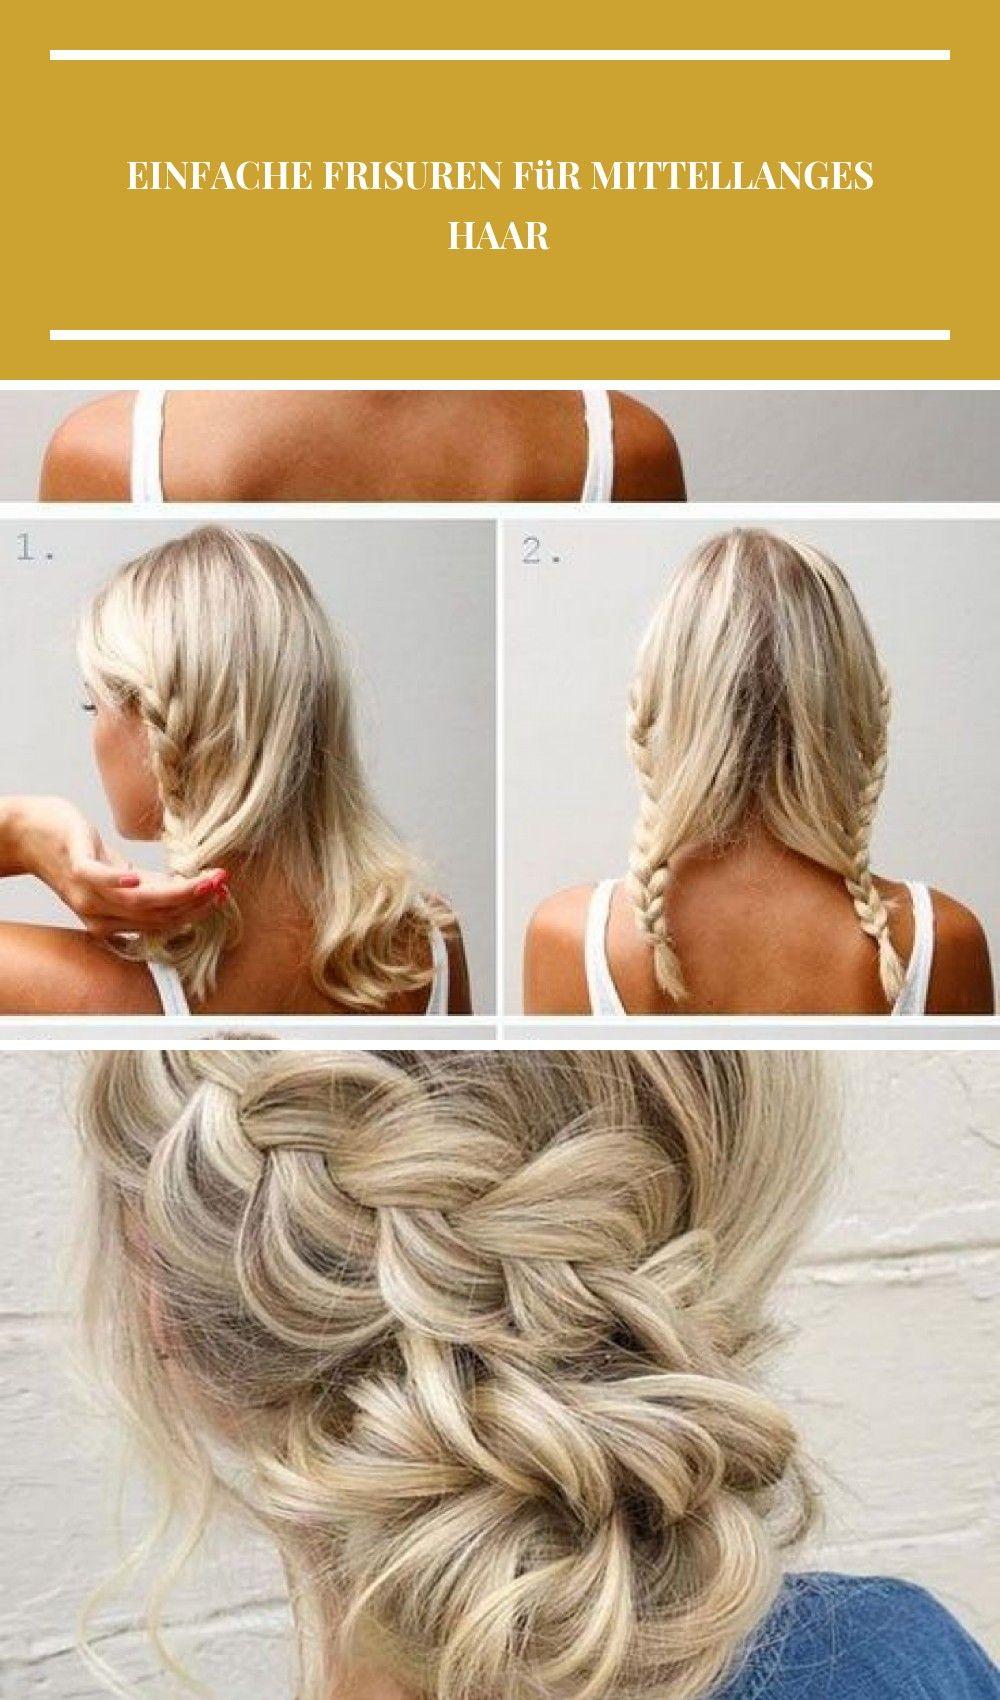 Einfache Frisuren für mittellanges Haar diy hair style Einfache Frisuren für mittellanges Haar